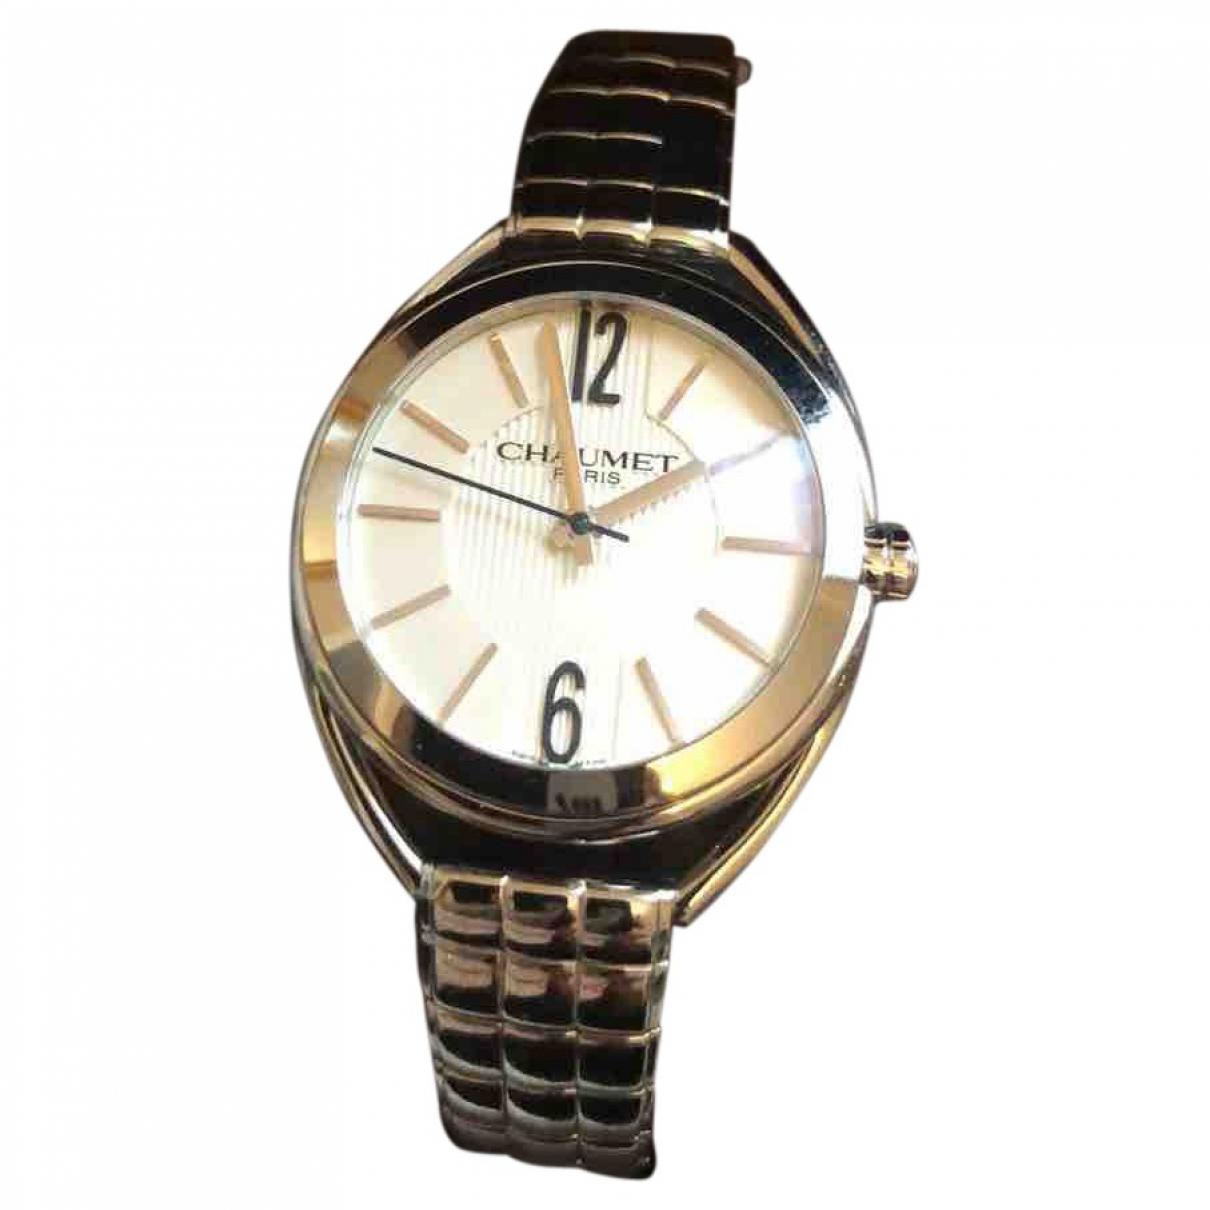 Reloj Liens Chaumet